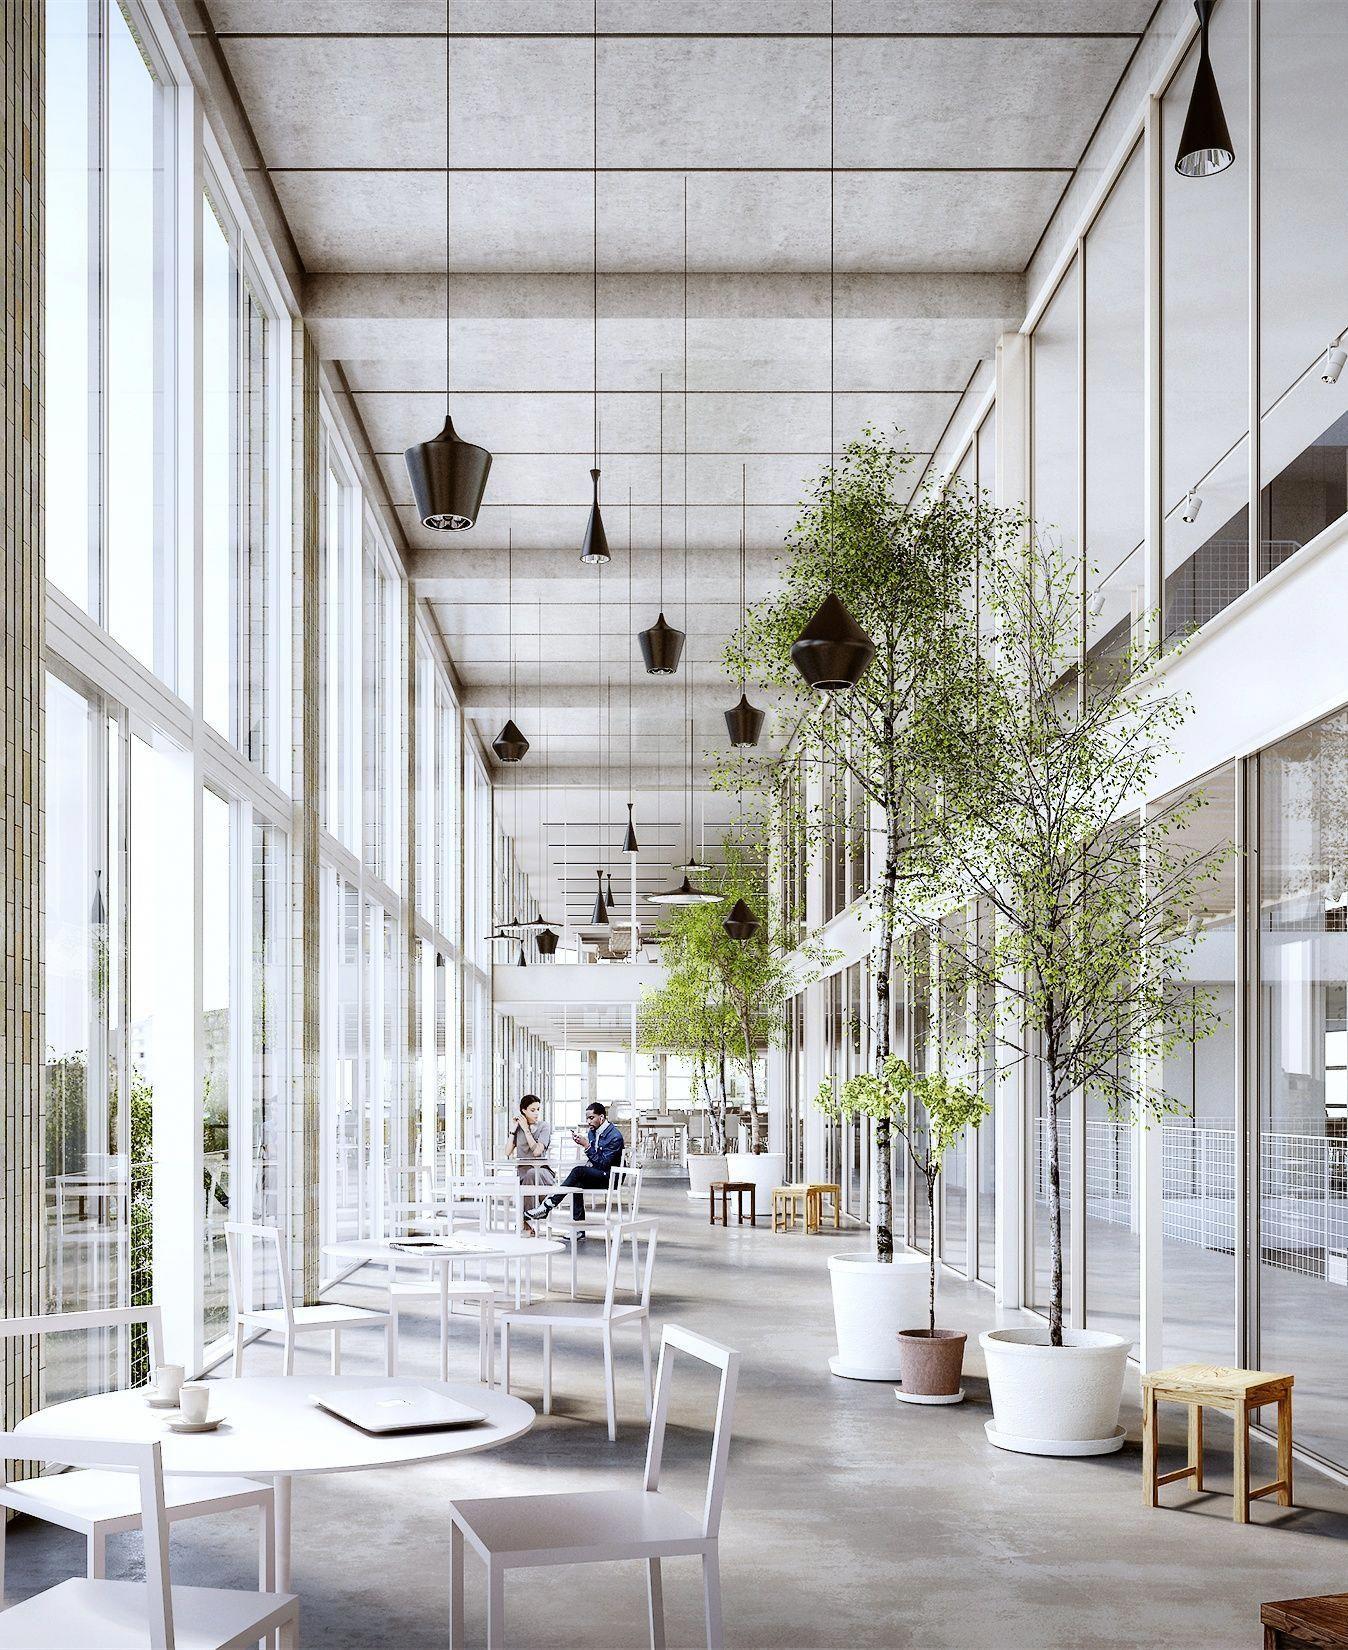 Best Interior Design Schools Interiordesignersnearme Isinteriordesigningagoodcareer Studios Architecture Interior Design School Interior Rendering